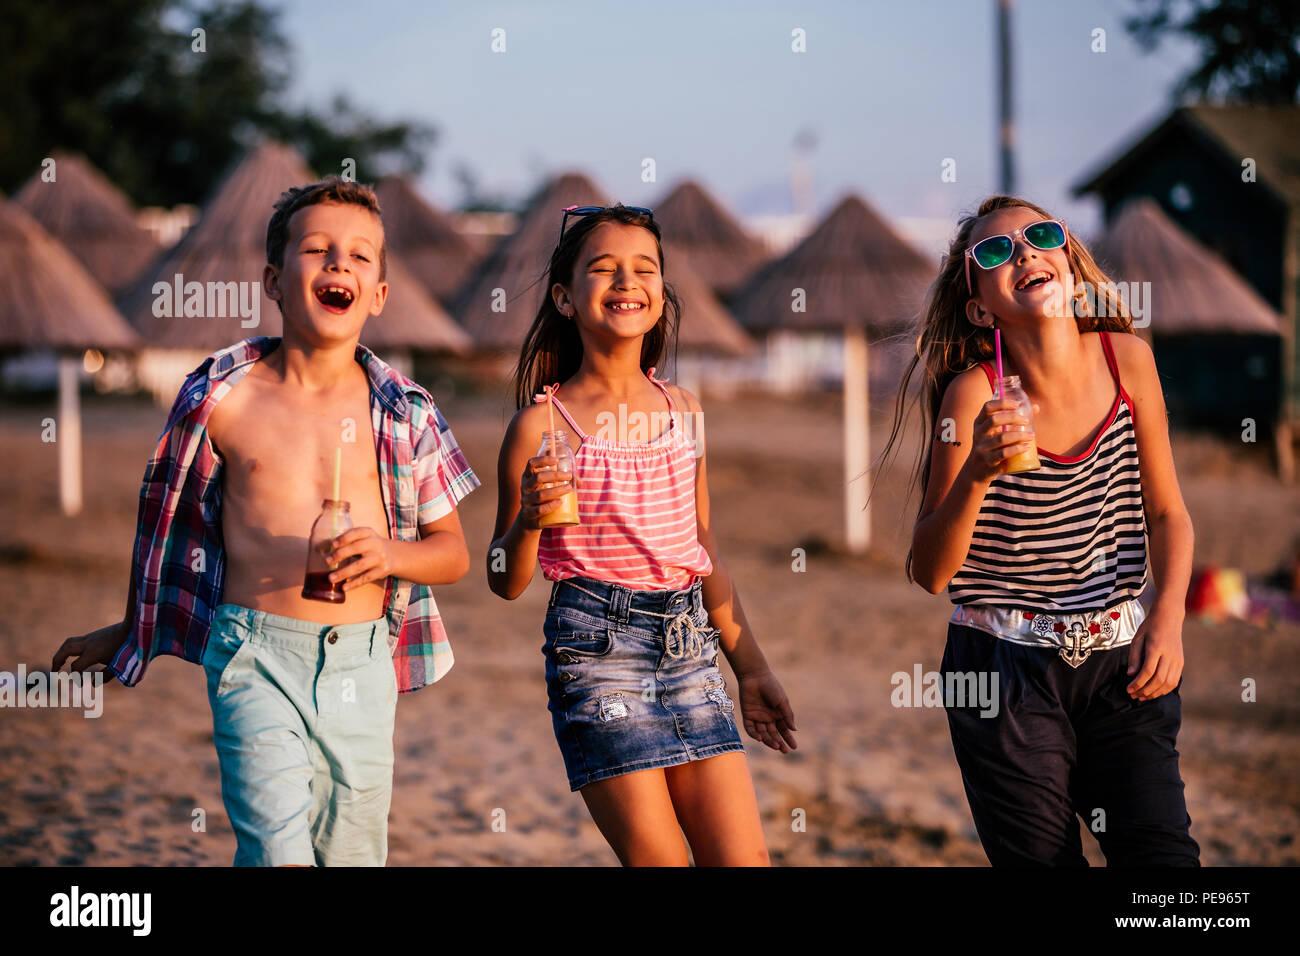 Felice bambini divertirsi mentre si cammina lungo una spiaggia di sabbia. Estate e concetto di viaggio Immagini Stock